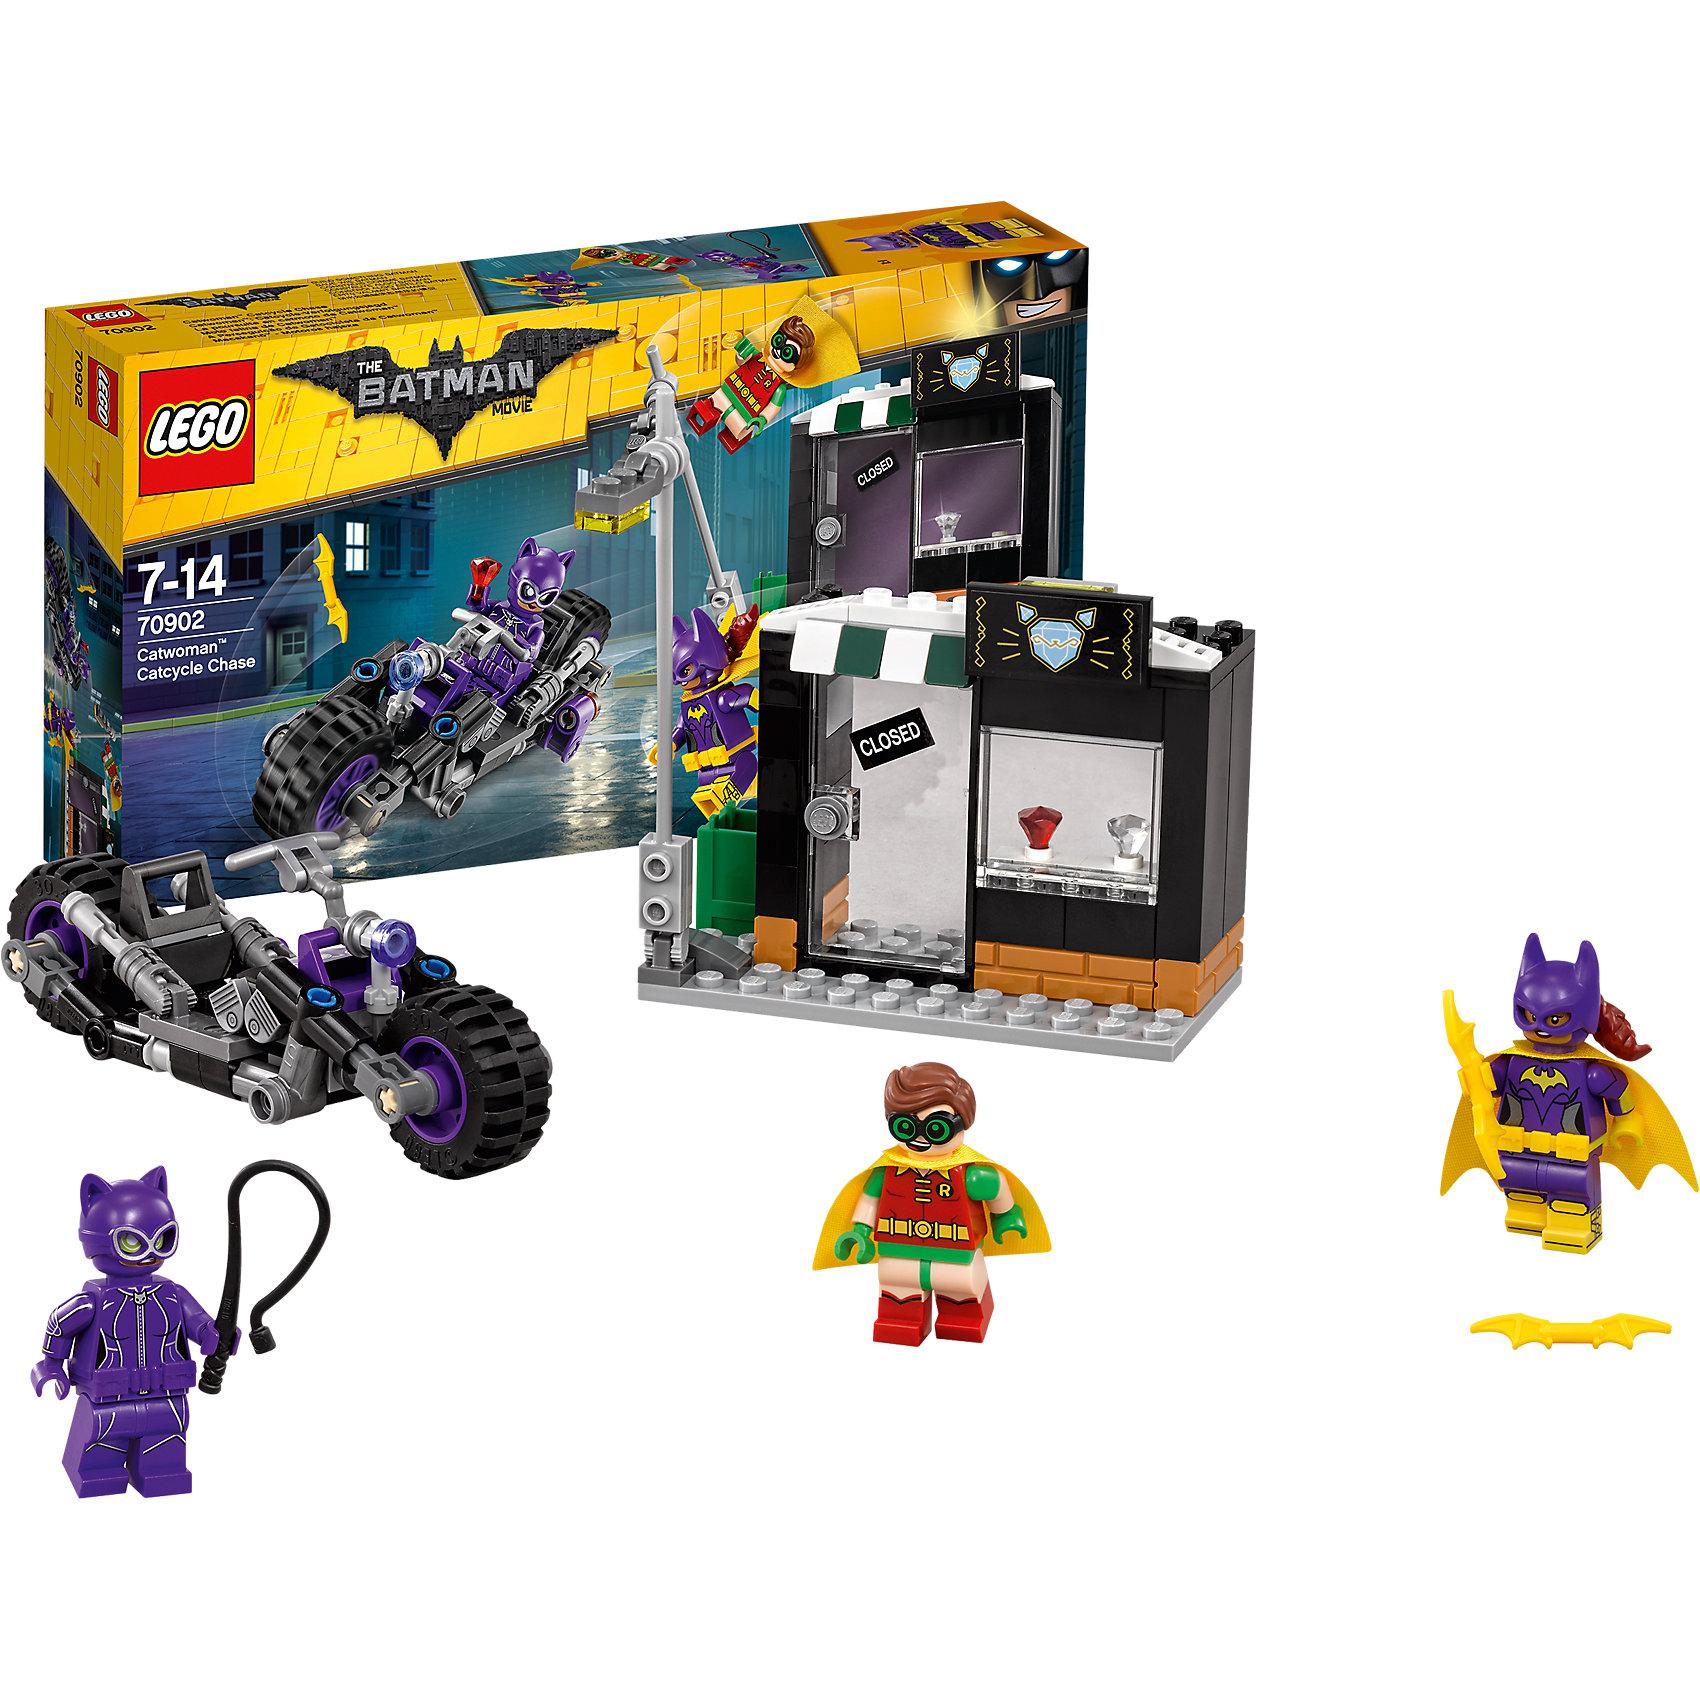 LEGO Batman Movie 70902: Погоня за Женщиной-кошкойПластмассовые конструкторы<br>LEGO Batman Movie 70902: Погоня за Женщиной-кошкой<br><br>Характеристики:<br><br>- в набор входит: детали мотоцикла и магазина, 3 минифигурки, аксессуары, красочная инструкция<br>- минифигурки набора: Женщина-кошка, Бэтгёрл, Робин <br>- состав: пластик<br>- количество деталей: 139 <br>- размер мотоцикла: 13 * 3 * 4 см.<br>- размер магазина: 11 * 5 * 8 см.<br>- примерное время сборки: 30 мин.<br>- для детей в возрасте: от 7 до 14 лет<br>- Страна производитель: Дания/Китай/Чехия<br><br>Легендарный конструктор LEGO (ЛЕГО) представляет серию «Batman Movie» (Бэтмен Муви) по сюжету одноименного лего мультфильма. <br><br>Серия понравится любителям комиксов DC и историй о Бэтмене. Женщина-кошка сбивает столбы в городе и хочет ограбить ювелирный магазин. Но Бэтгёрл и Робин просто так ей это не позволят сделать. <br><br>Фигурки набора отлично детализированы и качественно прорисованы, у всех есть по два выражения лица. Робин и Бэтгёрл носят тканевые плащи, Женщина-кошка облачена в маску и вооружена хлыстом. Оружие Бэтгёрл – желтый бэтаранг. <br><br>Окна и двери магазинчика открываются, столб можно опускать в горизонтальное положение. Помоги Робину и Бэтгёрл восстановить порядок в Готем-сити вместе с набором серии «Batman Movie»<br><br>Конструктор LEGO Batman Movie 70902: Погоня за Женщиной-кошкой можно купить в нашем интернет-магазине.<br><br>Ширина мм: 264<br>Глубина мм: 142<br>Высота мм: 53<br>Вес г: 230<br>Возраст от месяцев: 84<br>Возраст до месяцев: 168<br>Пол: Мужской<br>Возраст: Детский<br>SKU: 5002401